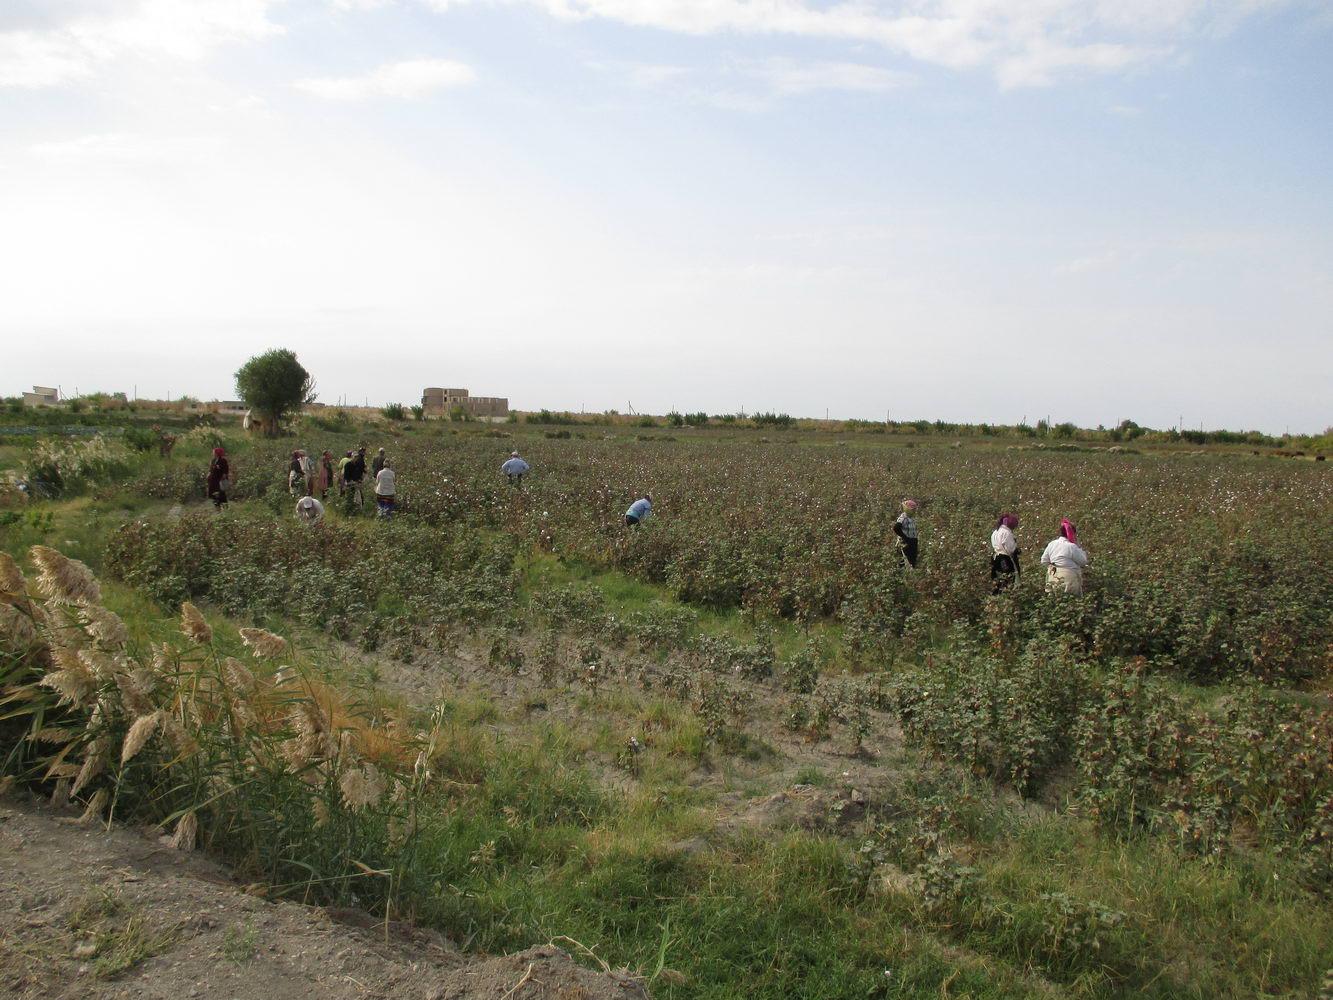 работники на хлопковом поле. путь из узбекистана в казахстан автостопом